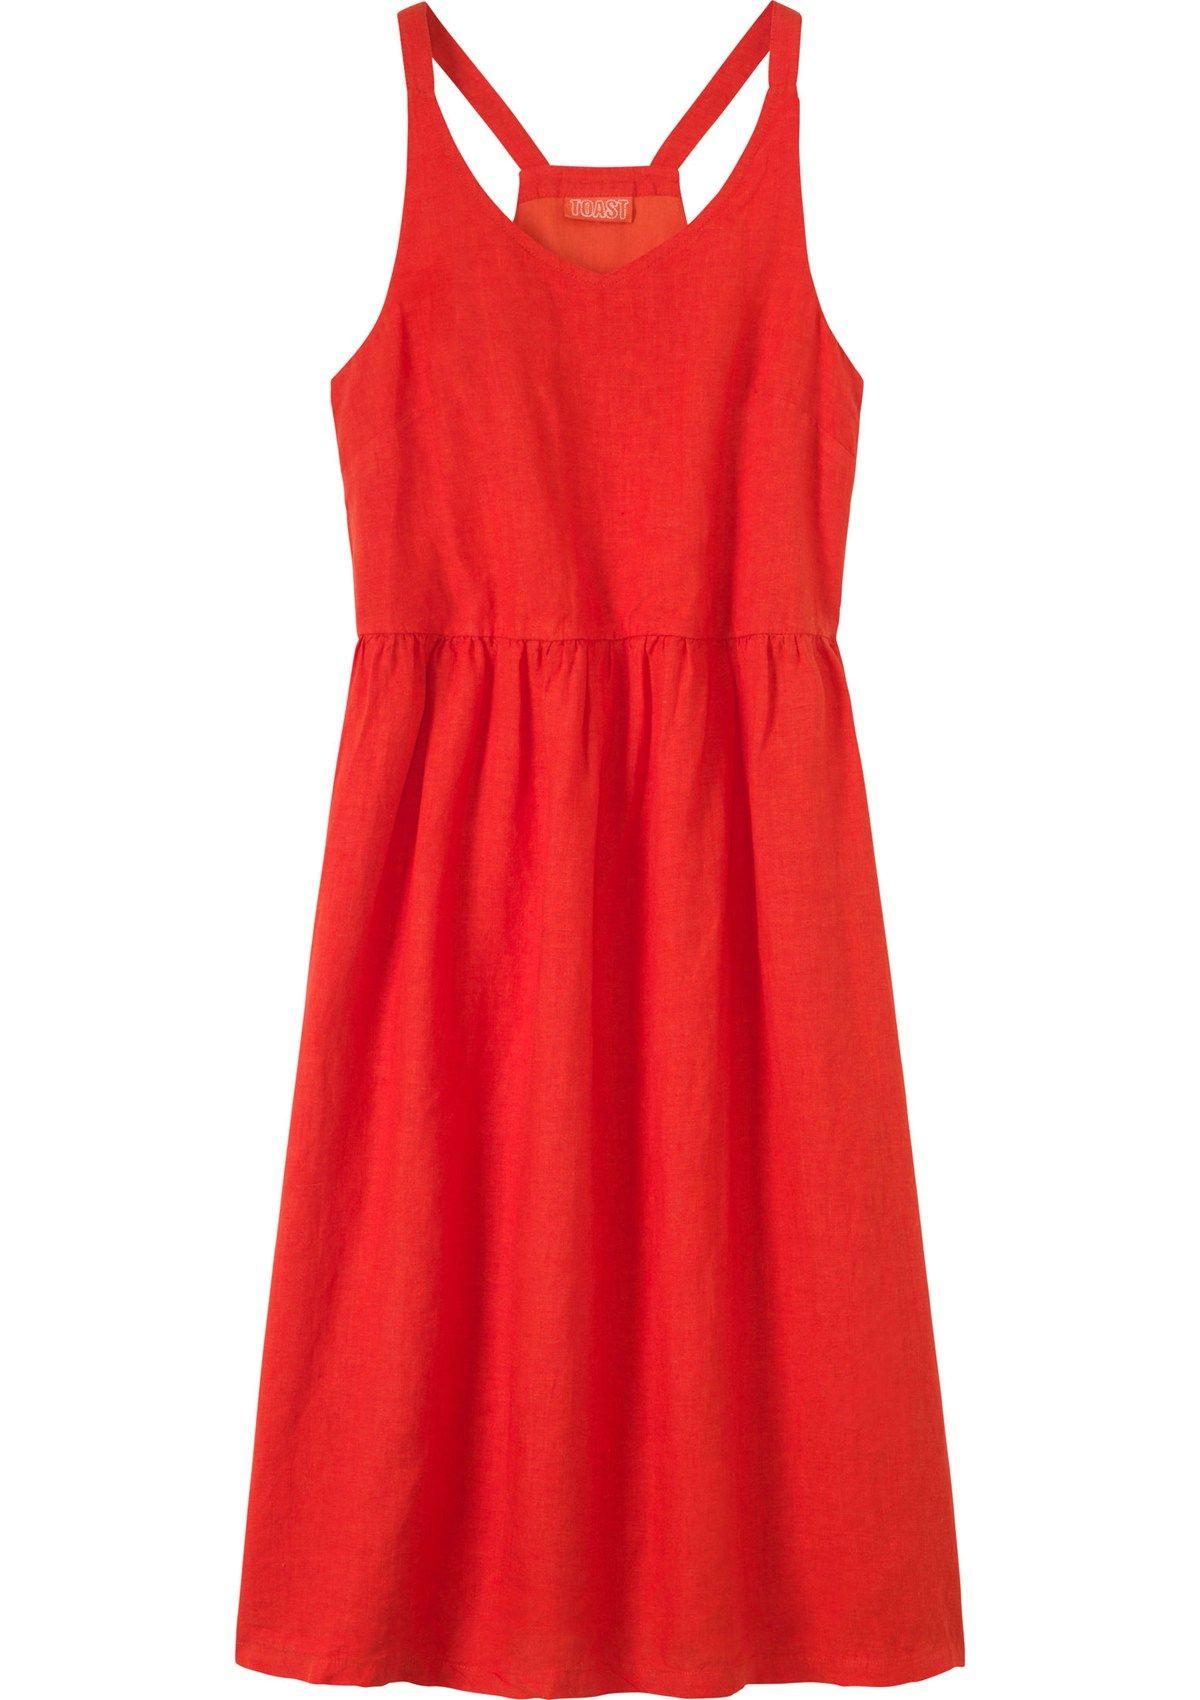 4db66dff51a Women s Vermillion Red Washed Linen Nightie